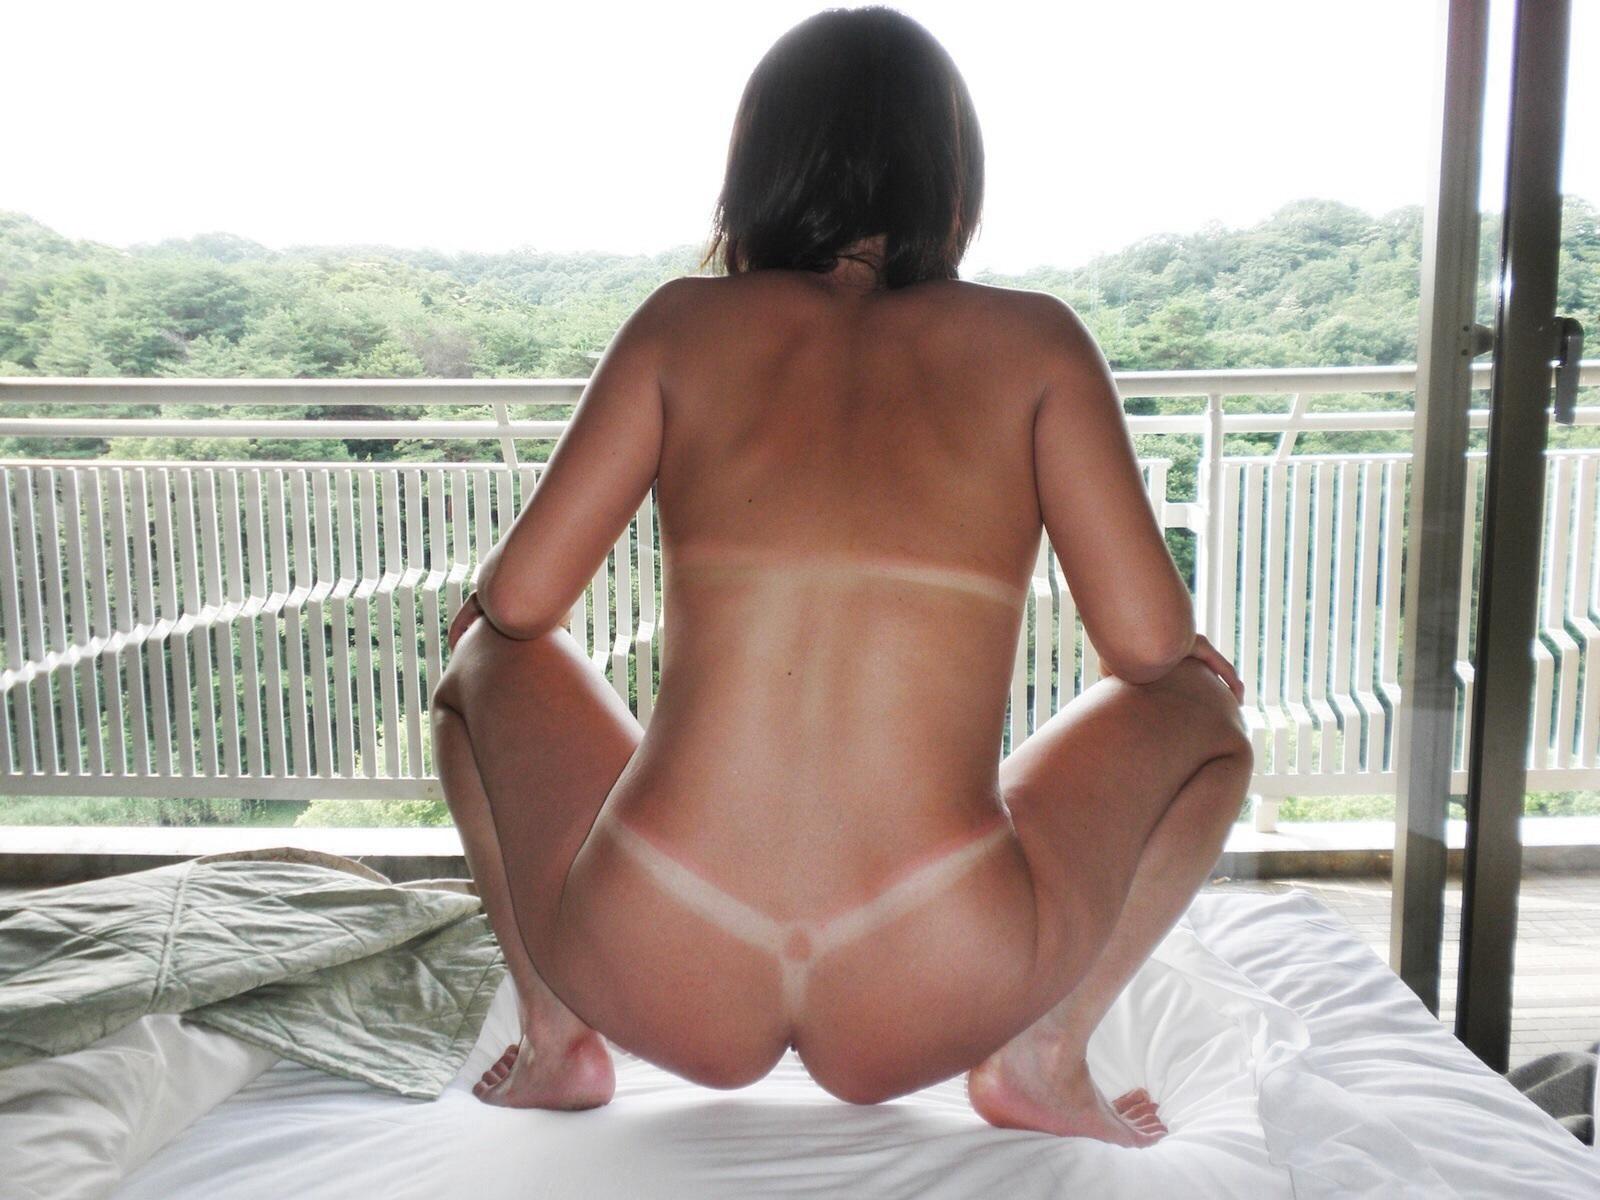 日焼け,背中,ビキニ,競泳水着,エロ画像